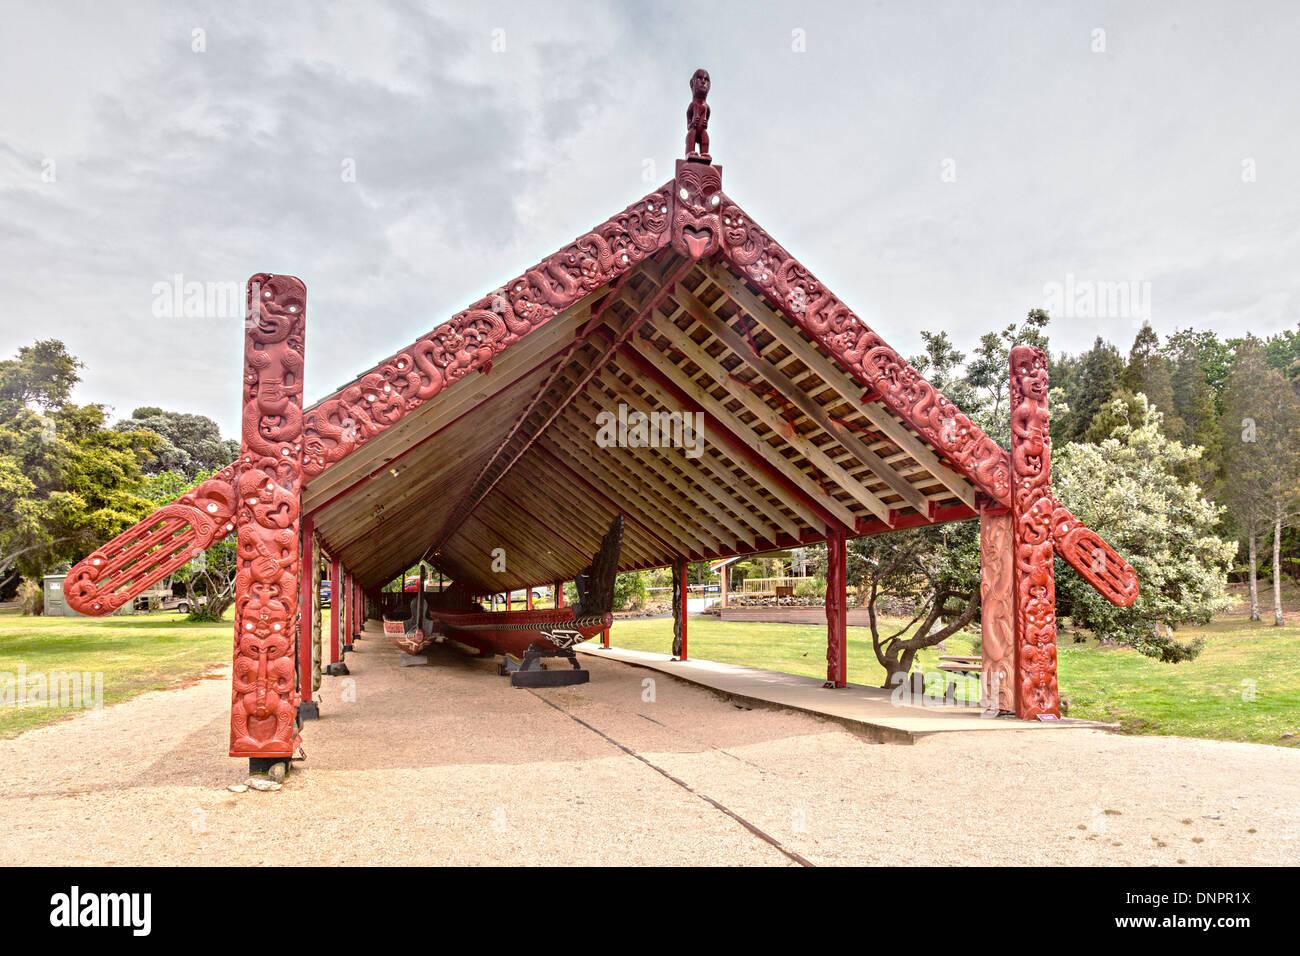 The traditionally styled boathouse on the Waitangi Treaty Grounds, Northland, New Zealand, houses two waka (canoes), ... - Stock Image